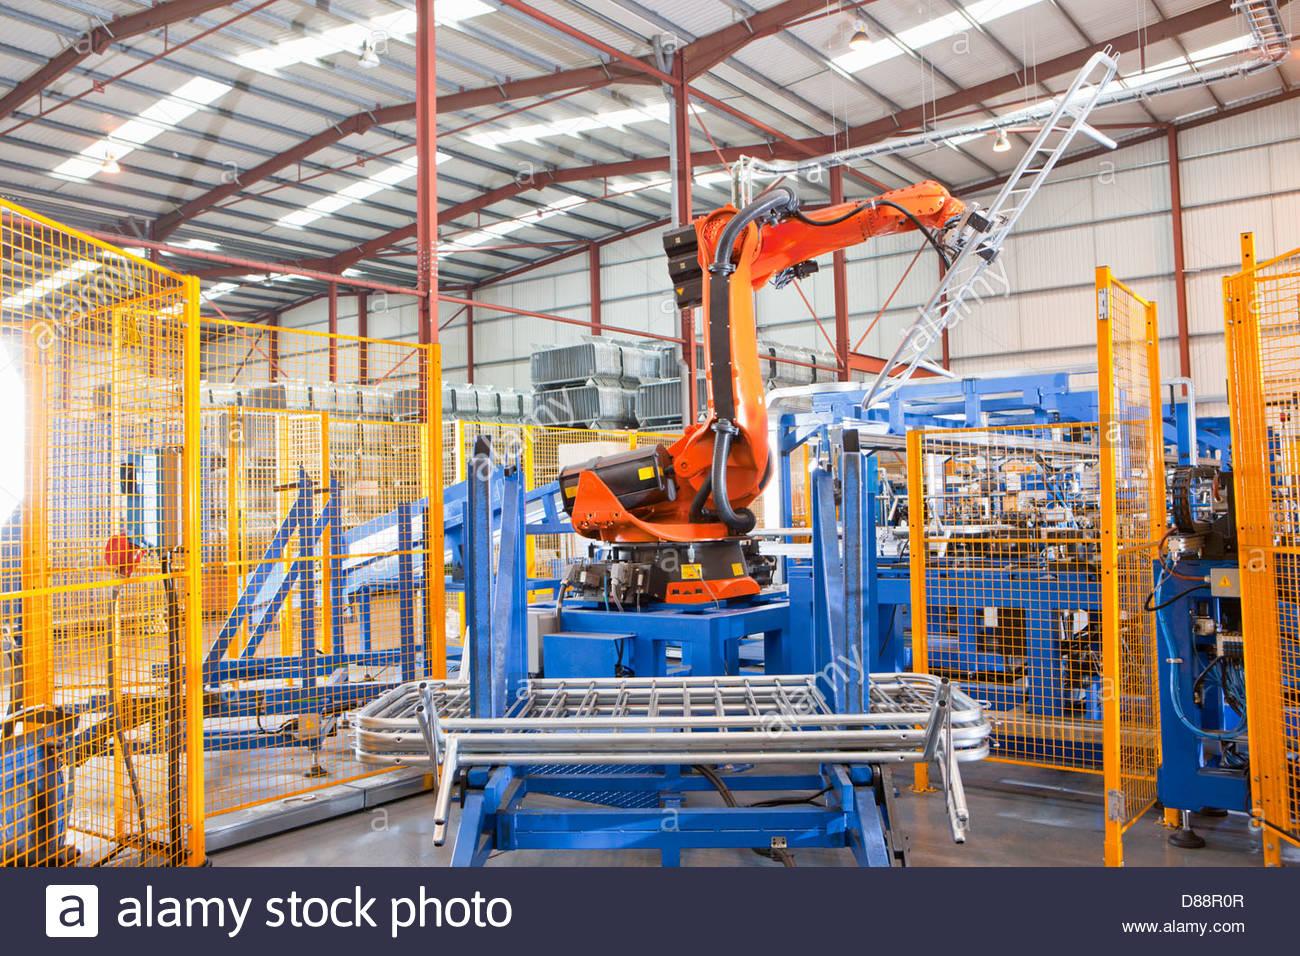 Mecanismo robótico levantar cercas de acero sobre la línea de producción en la planta de fabricación Imagen De Stock